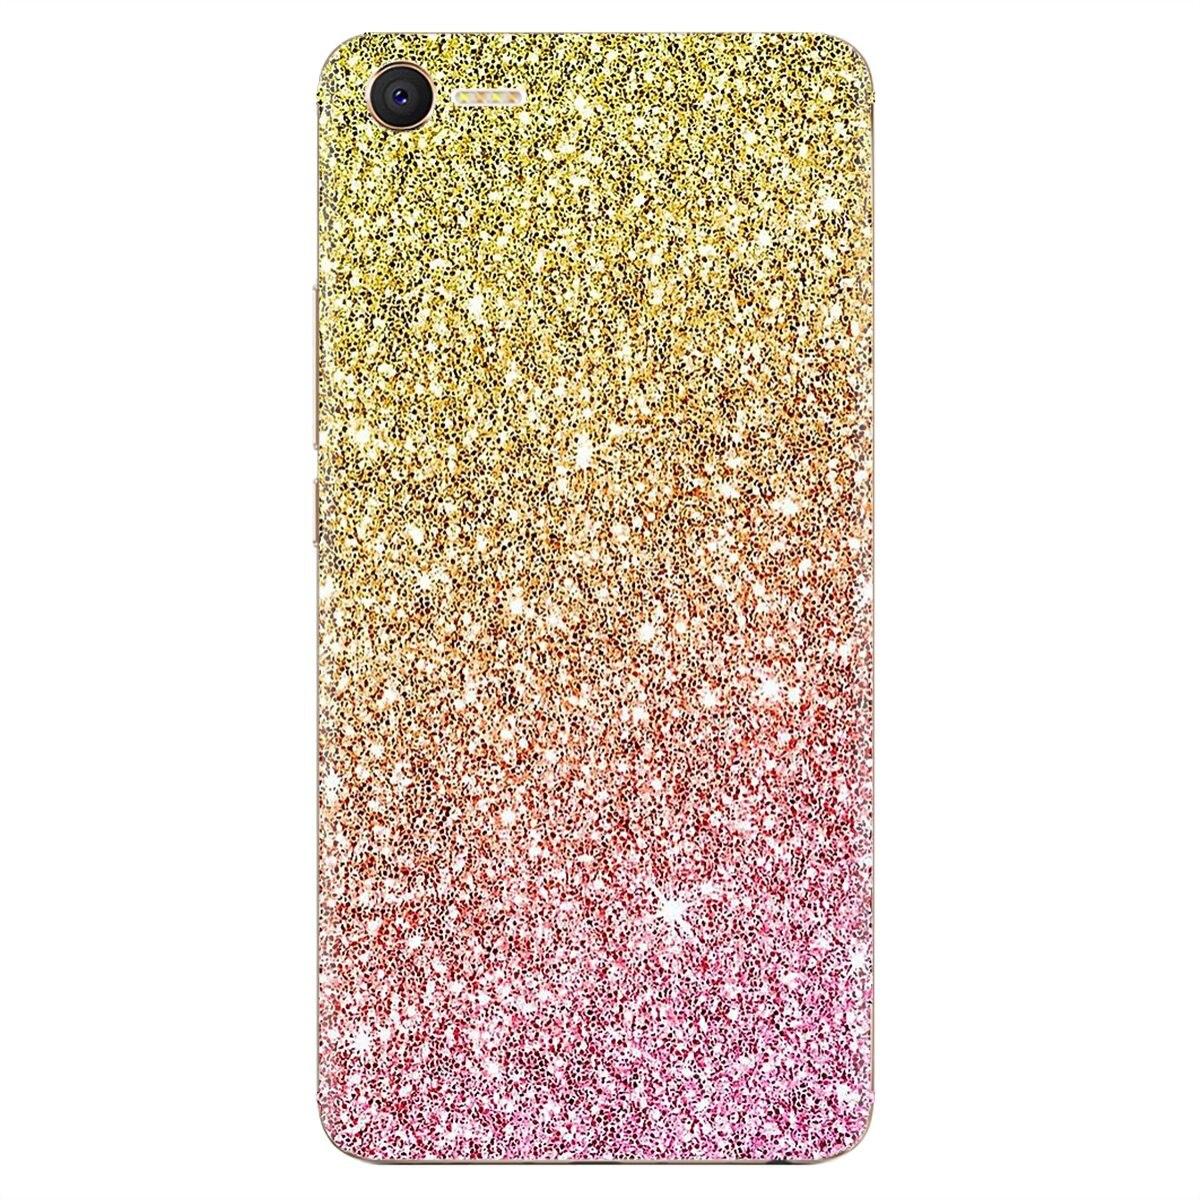 Розовое золото сверкающие блестки для LG G2 G3 G4 мини G5 G6 G7 Q6 Q7 Q8 Q9 V10 V20 V30 X Мощность 2 3 ДУХ оригинальный силиконовый чехол для телефона